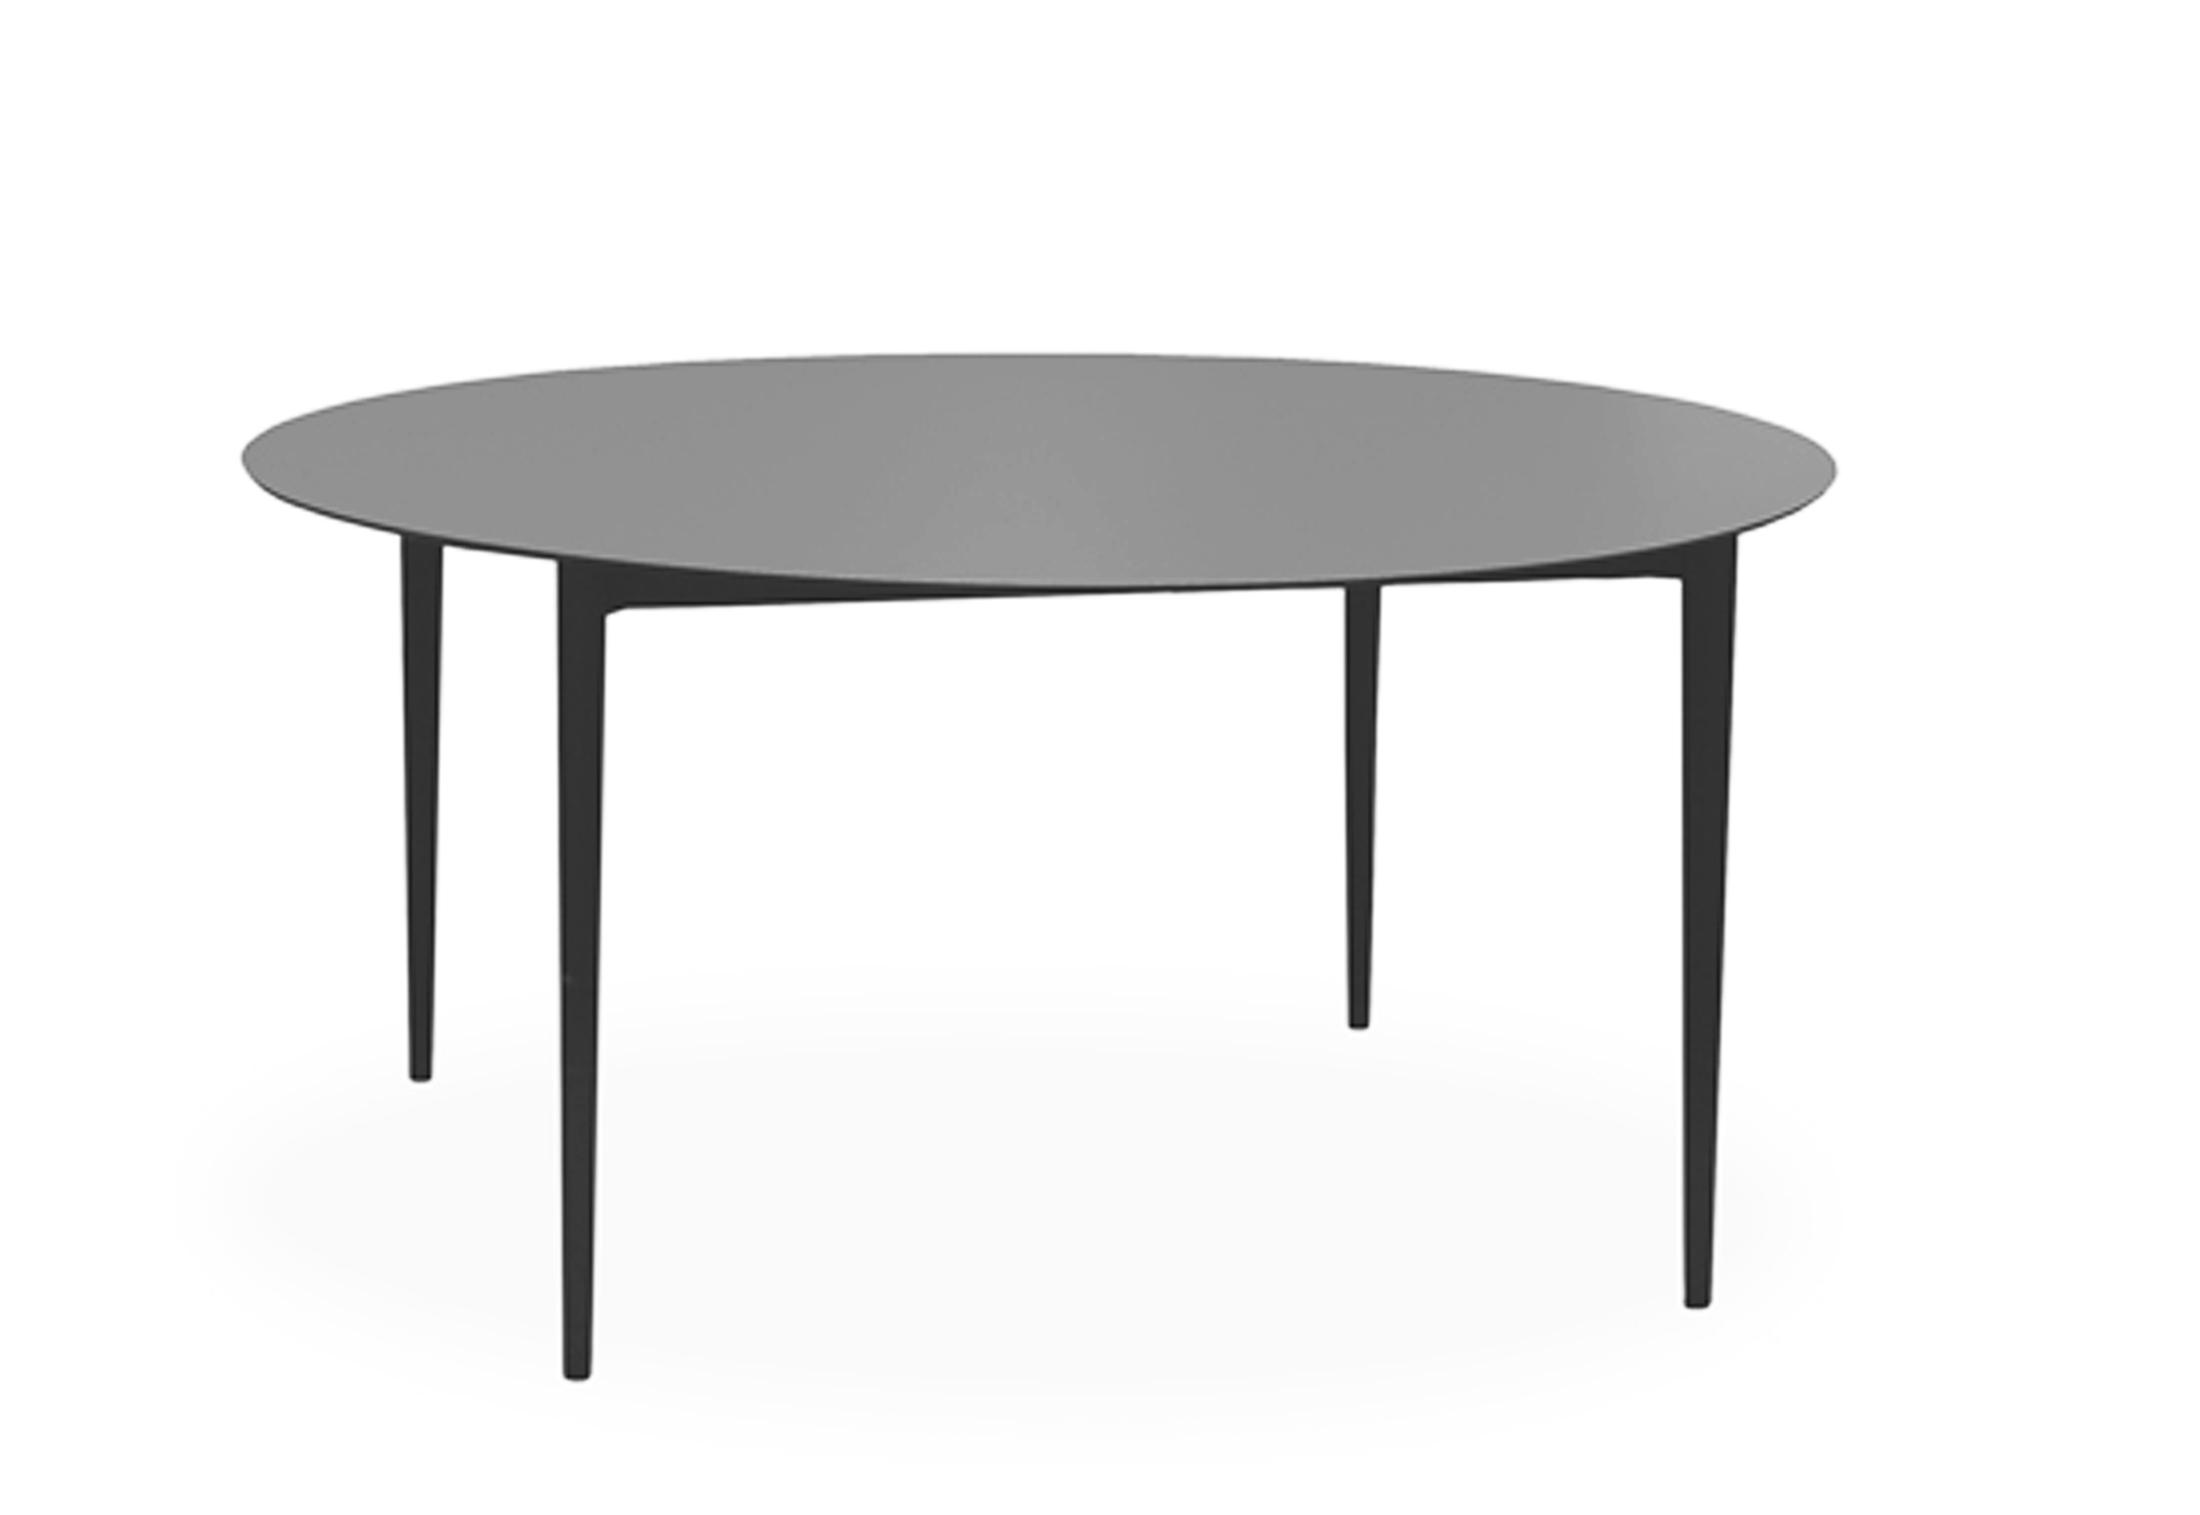 nude runder tisch c138 von expormim stylepark. Black Bedroom Furniture Sets. Home Design Ideas